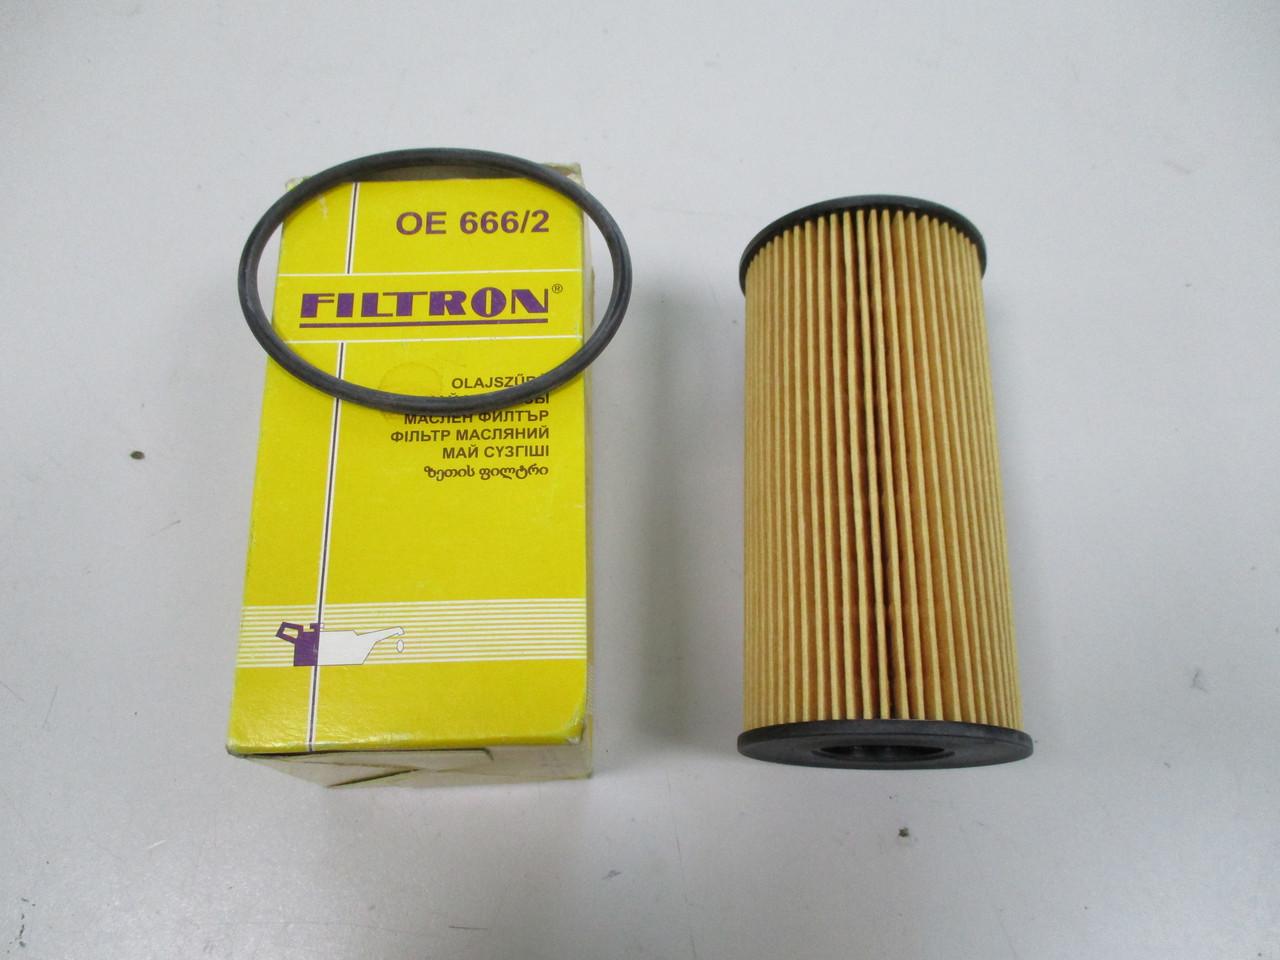 Фильтр масляный FILTRON OE666/2 OPEL VIVARO 2.0CDI